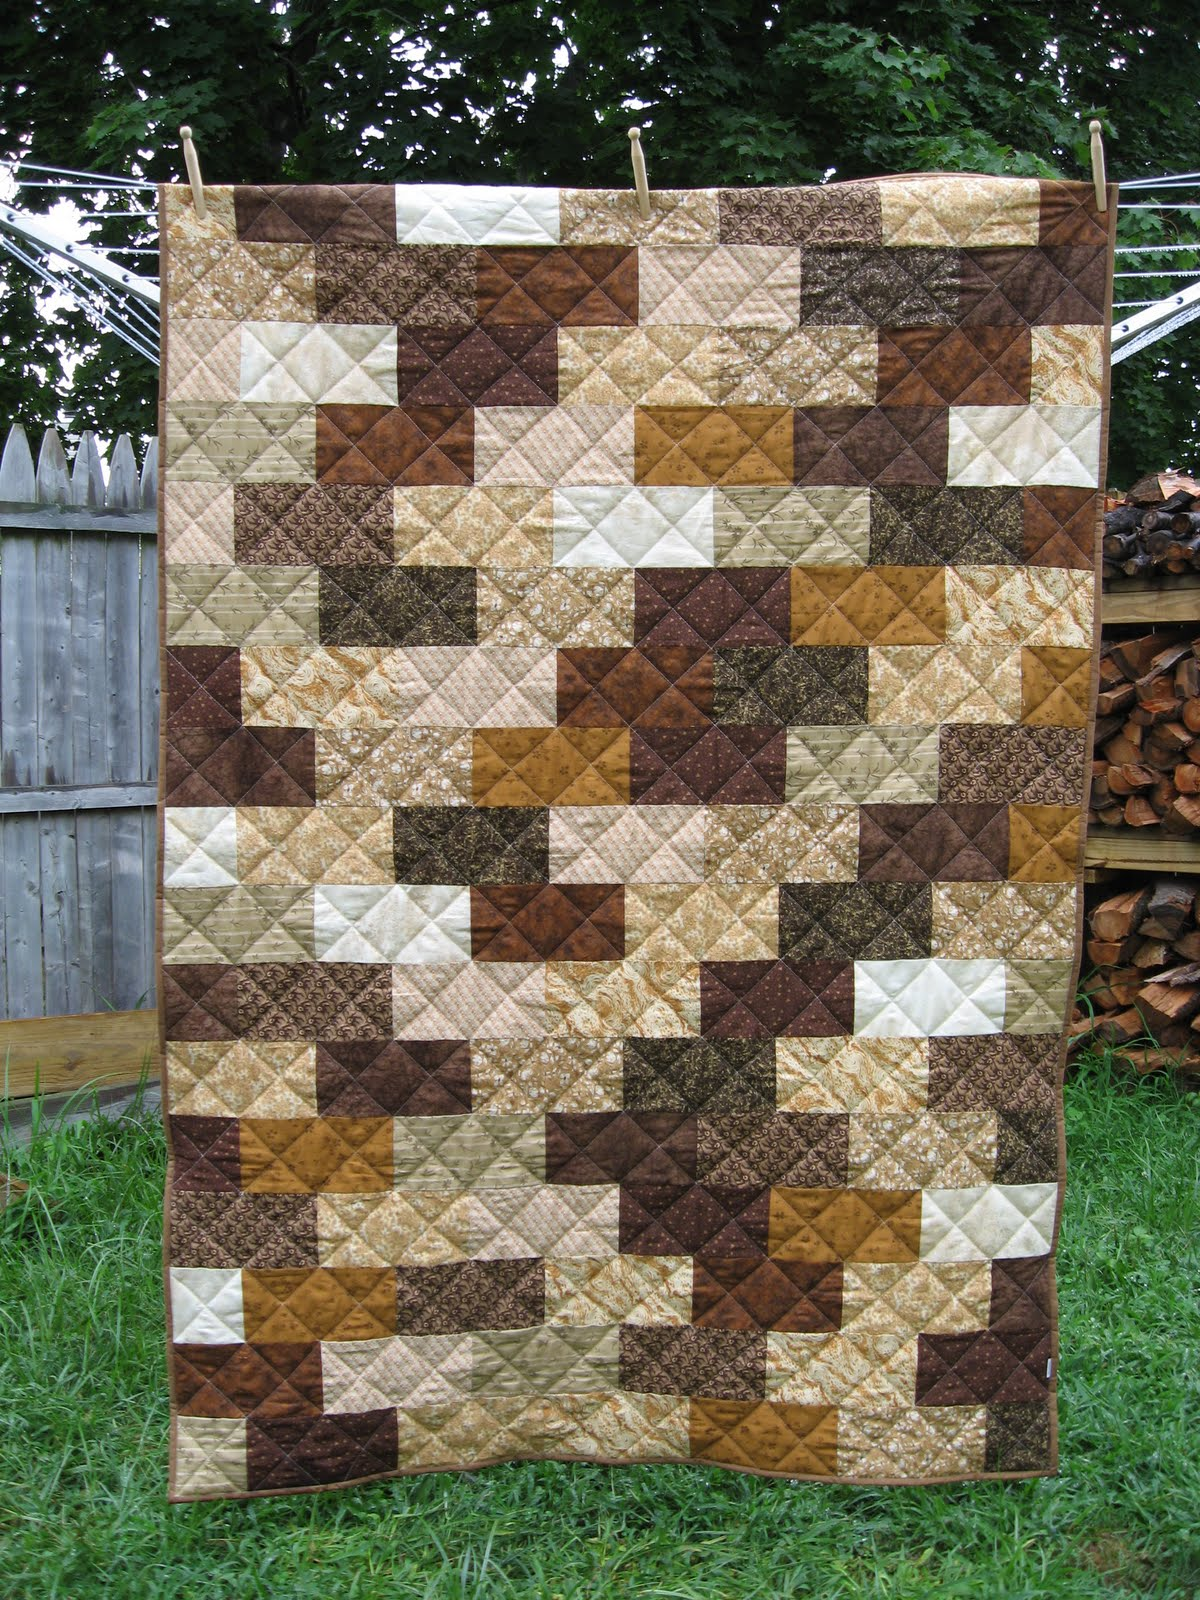 The brick wall quilt pattern bluestripedroom - Brick wall patterns designs ...